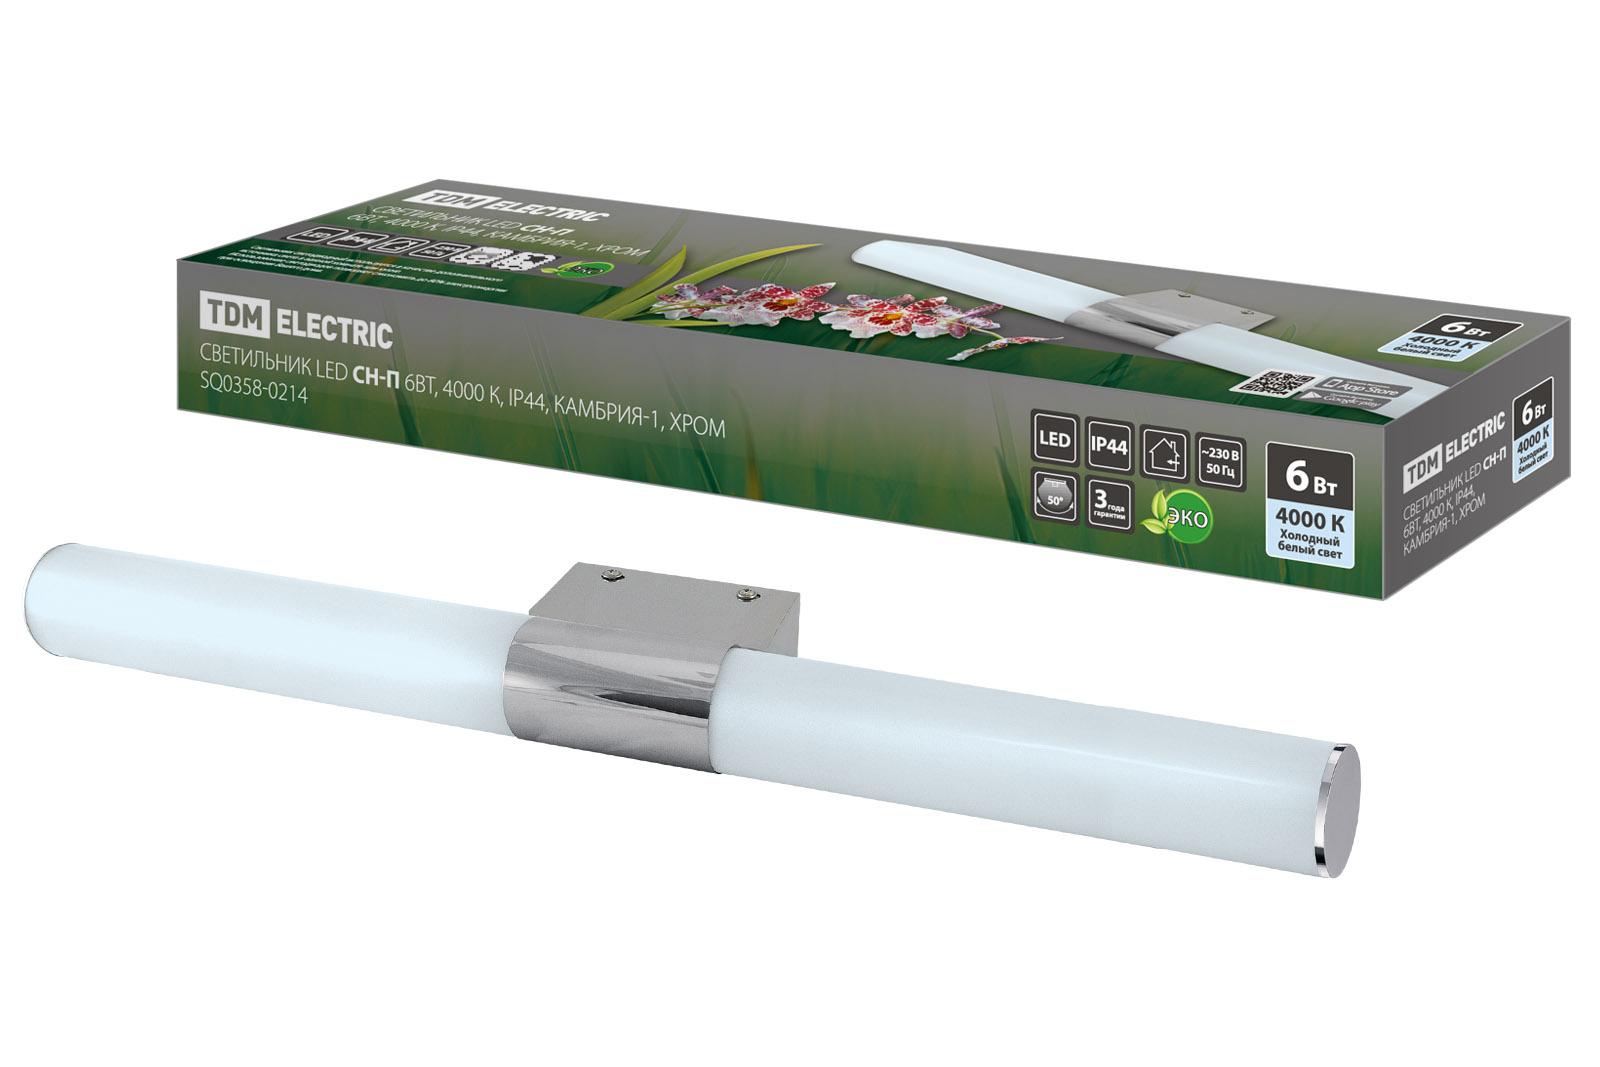 Фото Светильник LED CH-П 6Вт, 4000 К, IP44, Камбрия-1, хром TDM {SQ0358-0214}